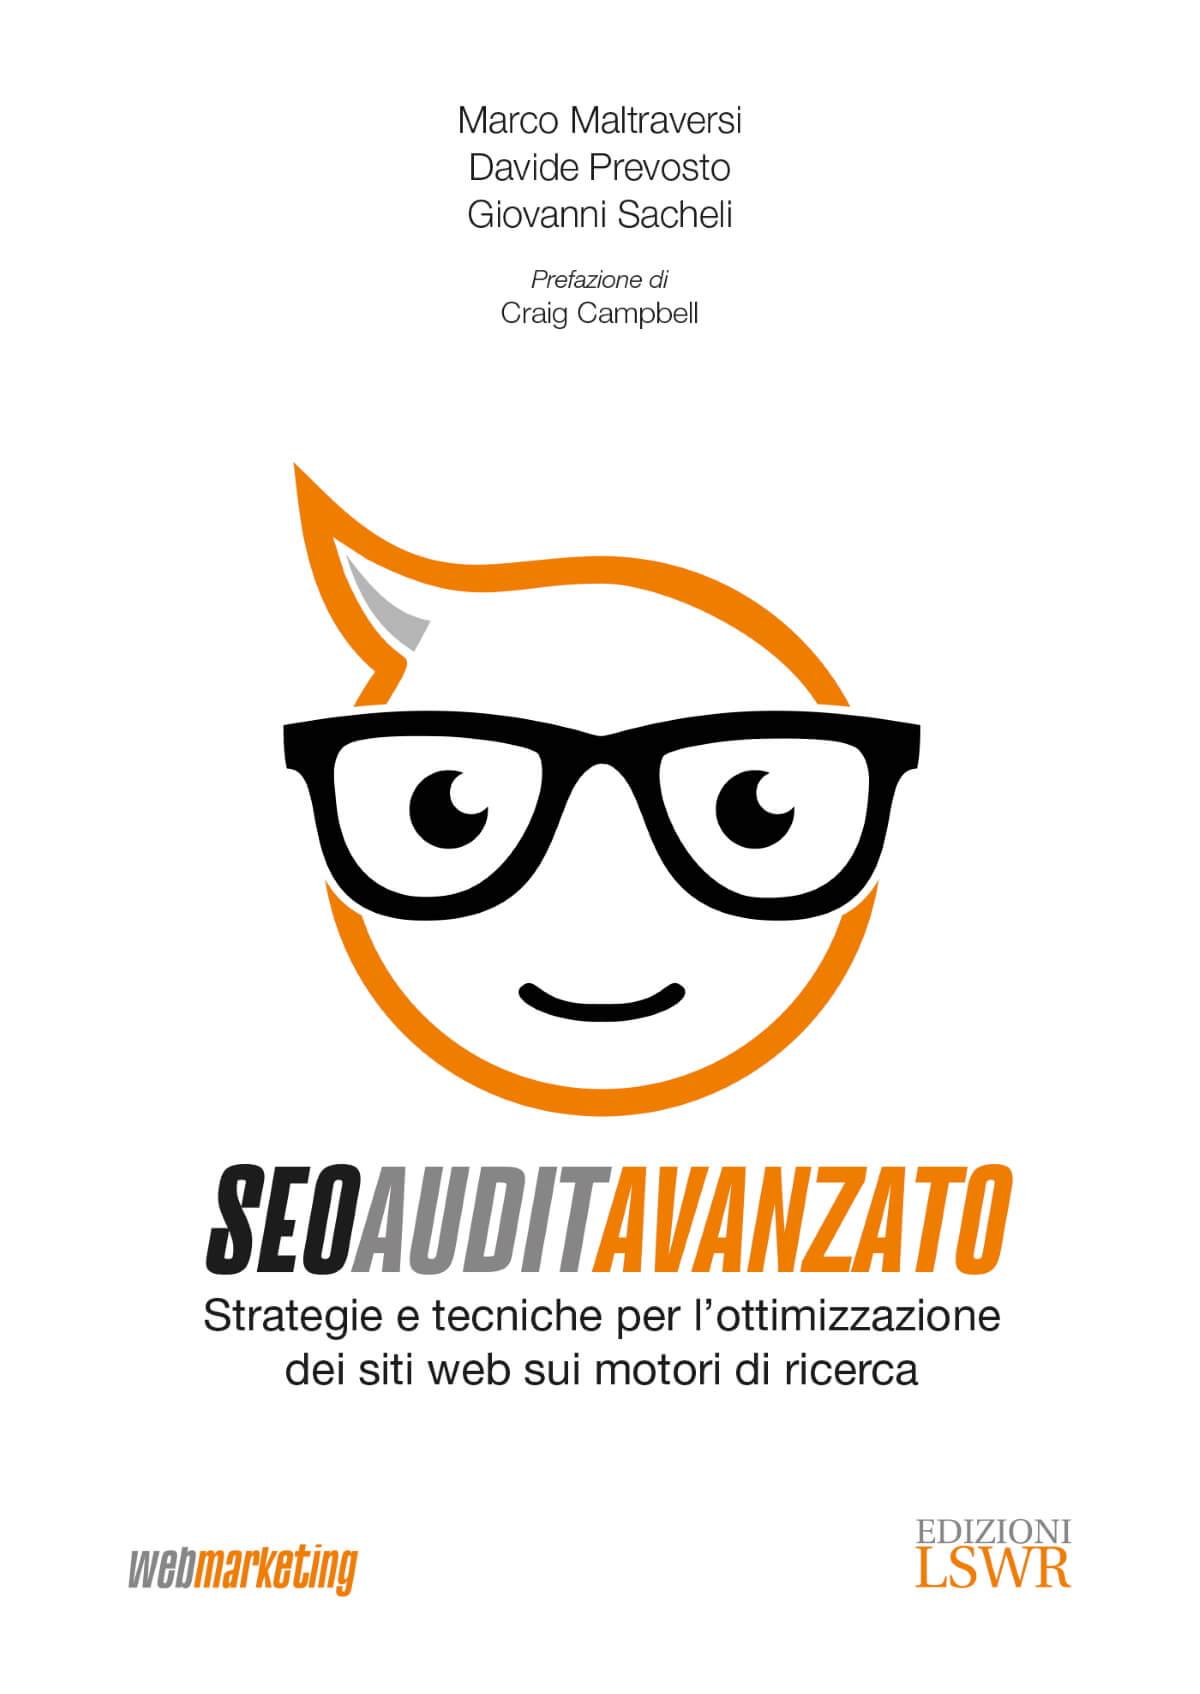 SEO Audit Avanzato, il manuale di Marco Maltraversi, Davide Prevosto e Giovanni Sacheli